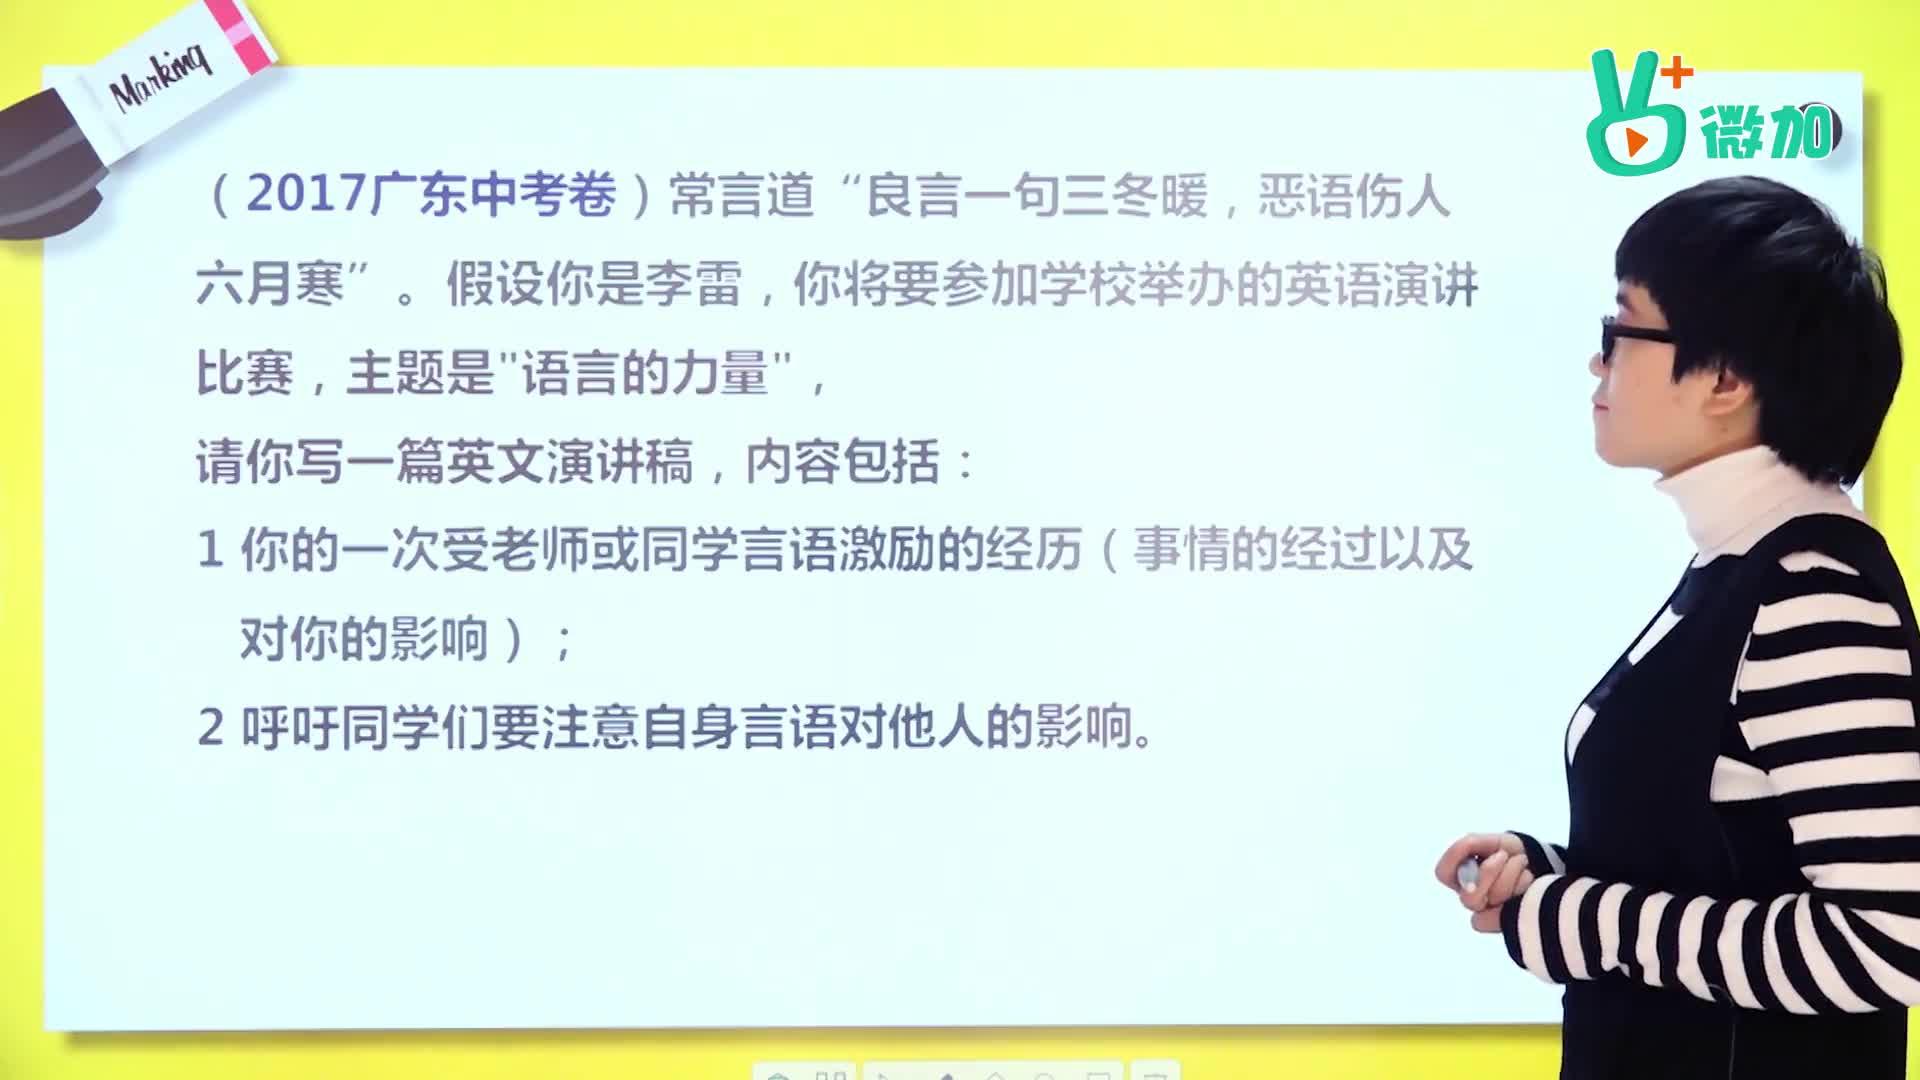 视频22 书面表达之实战演练(七)上 -【微加】史莱克学英语系列中考书面表达